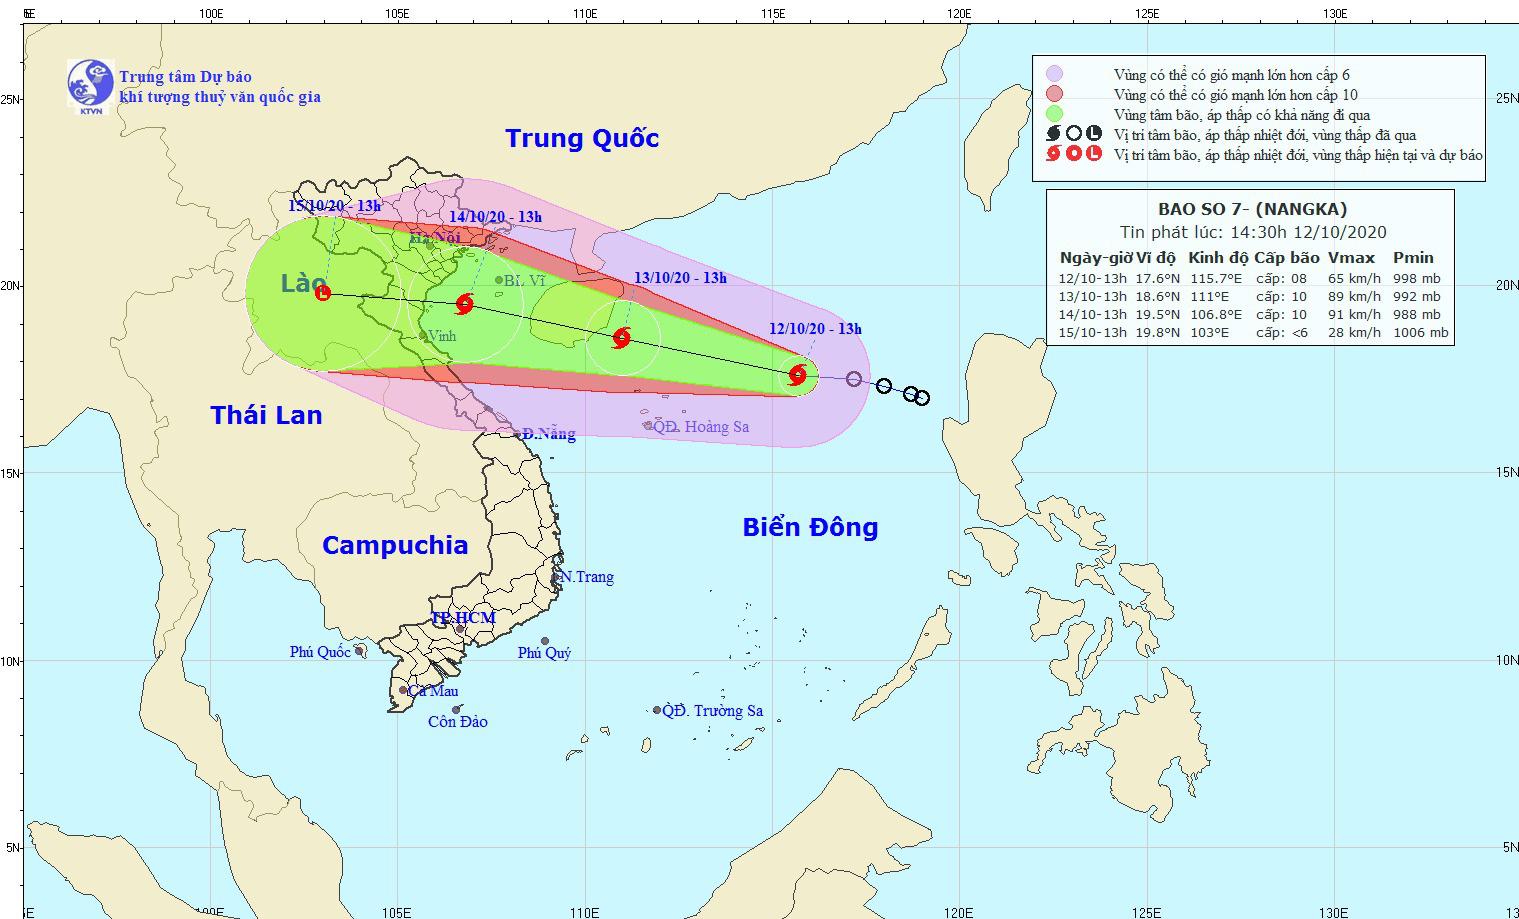 Khẩn: Bão số 7 thẳng tiến các tỉnh Bắc Bộ, Bắc Trung Bộ, giật cấp 12, nguy cơ mưa rất to  - Ảnh 1.